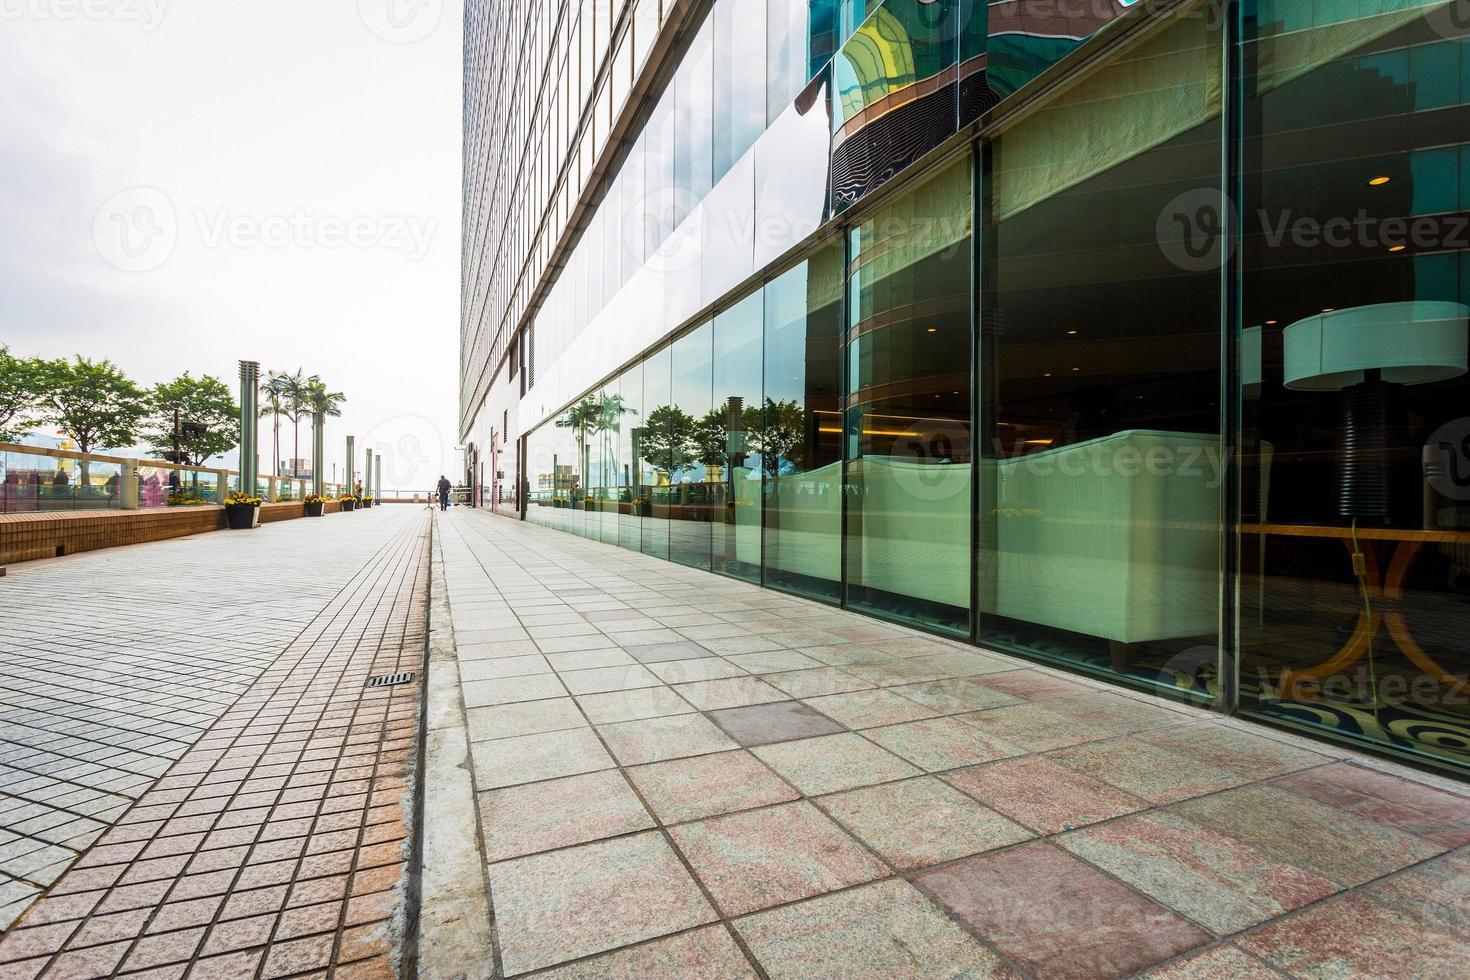 moderno edificio comercial con carretera vacía foto